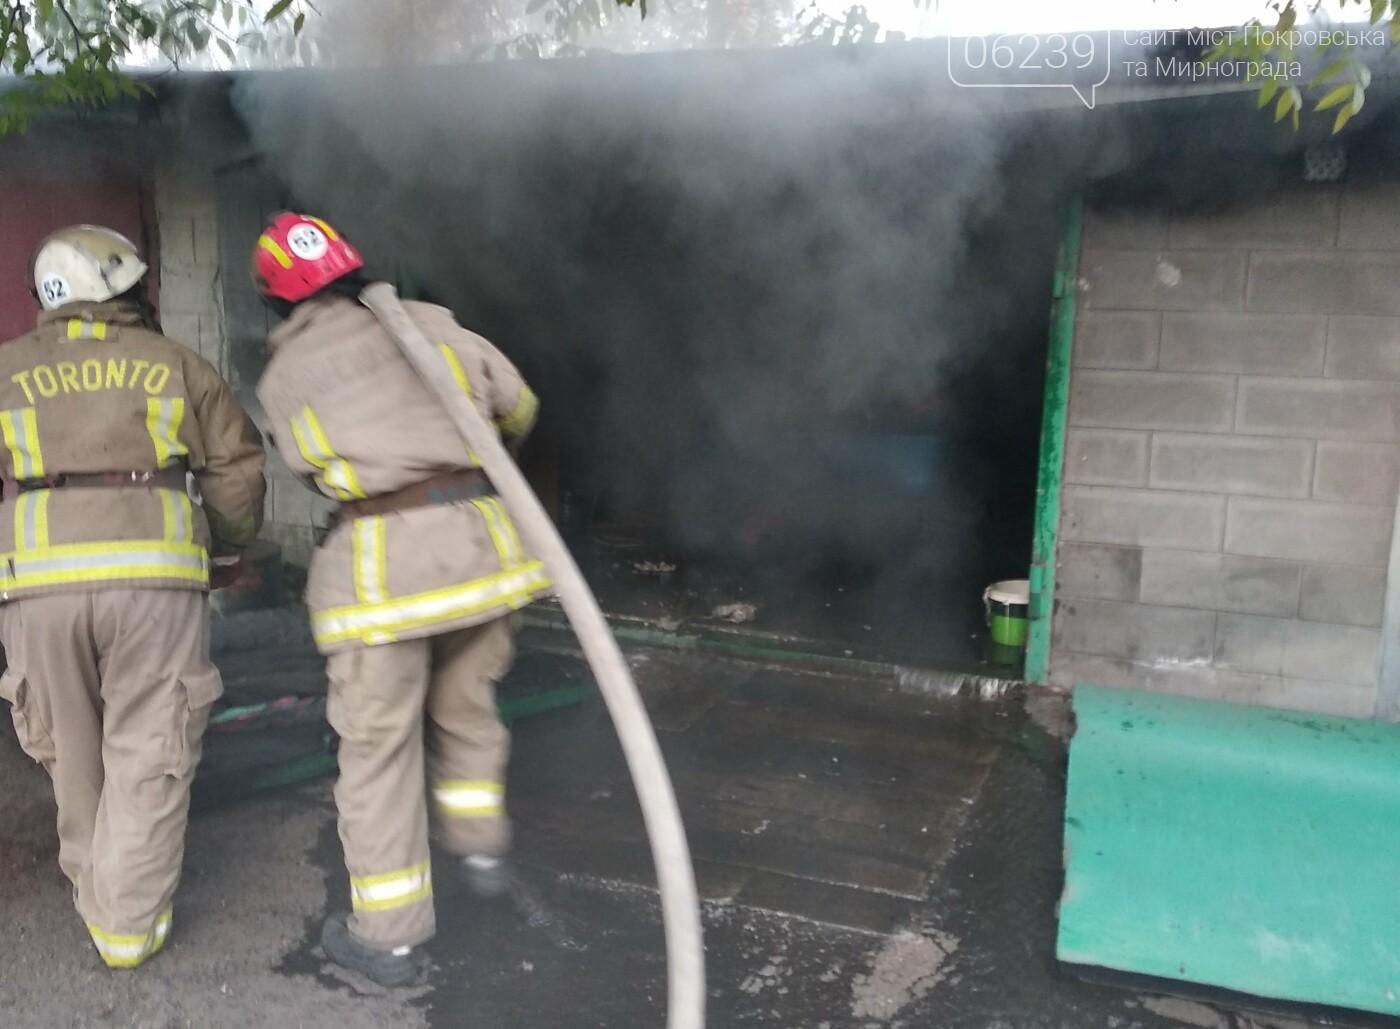 Сегодня утром в Мирнограде горел легковой автомобиль внутри одного из гаражей, фото-3